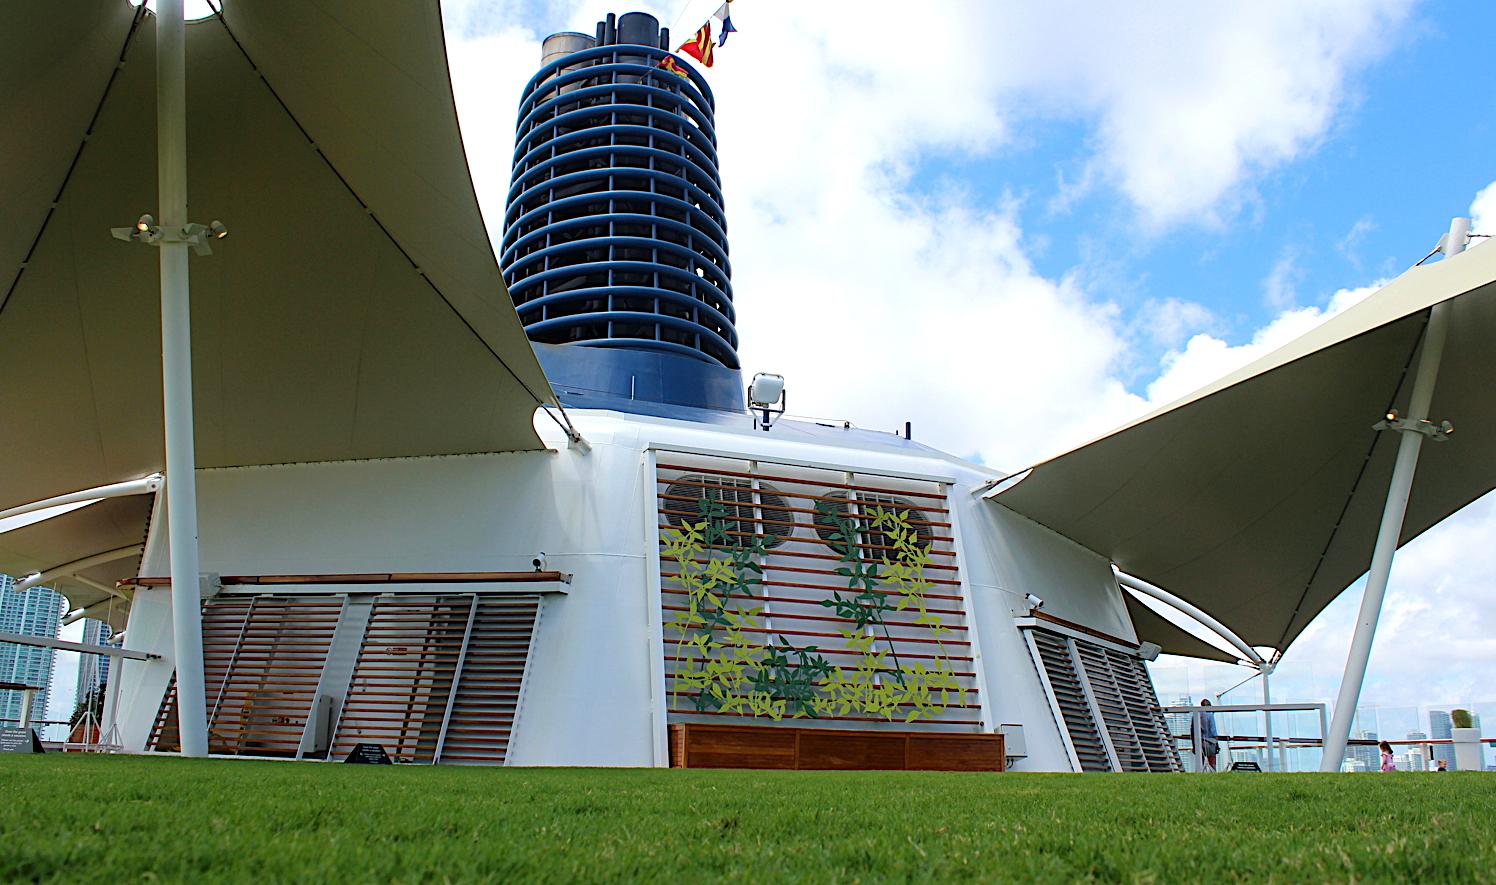 ENLÈVE TES CHAUSSURES. Le Lawn Club sur le pont supérieur du Celebrity Equinox a de la vraie herbe.